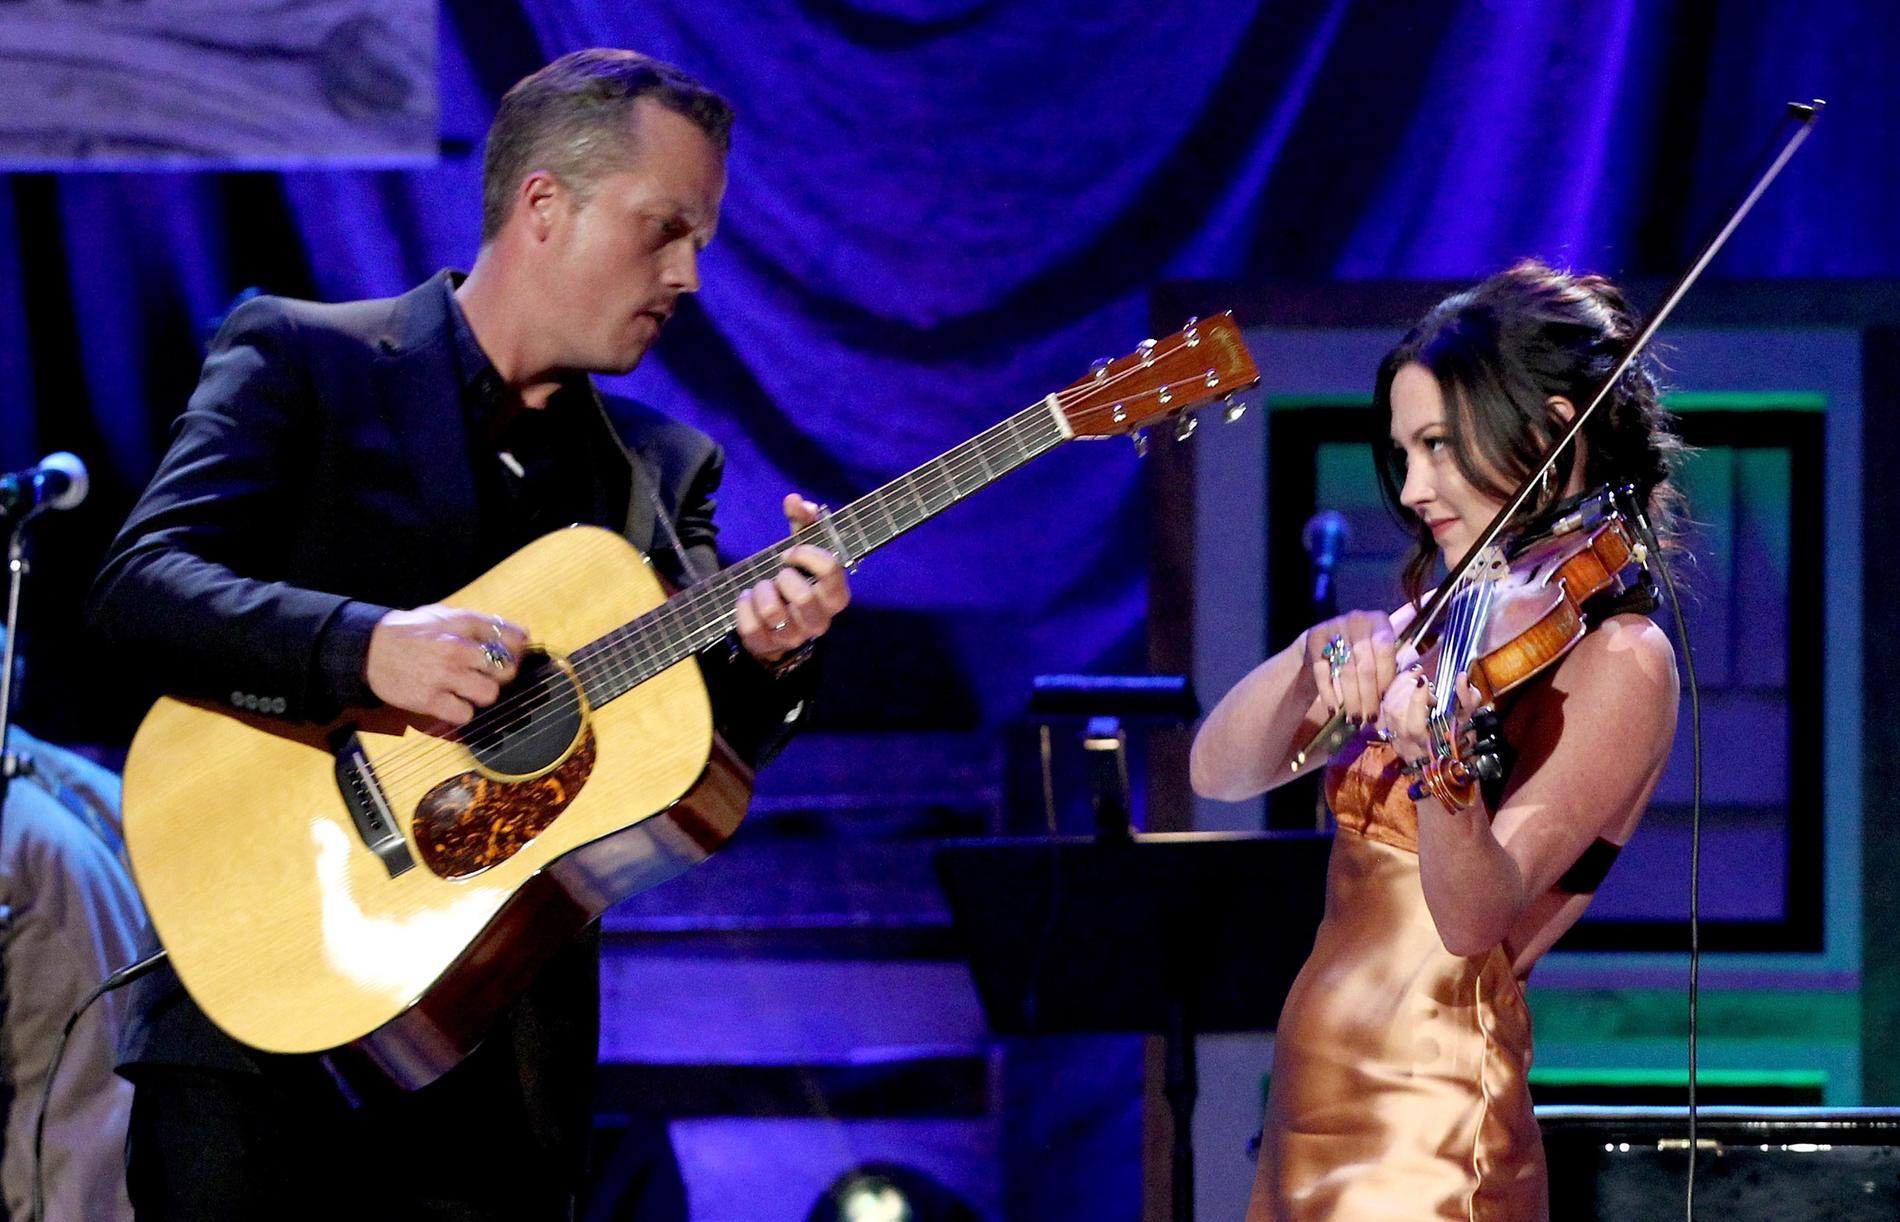 Jason Isbell, här med sin fru och artistkollega Amanda Shires, spelar med sitt band The 400 Unit i Stockholm i november.